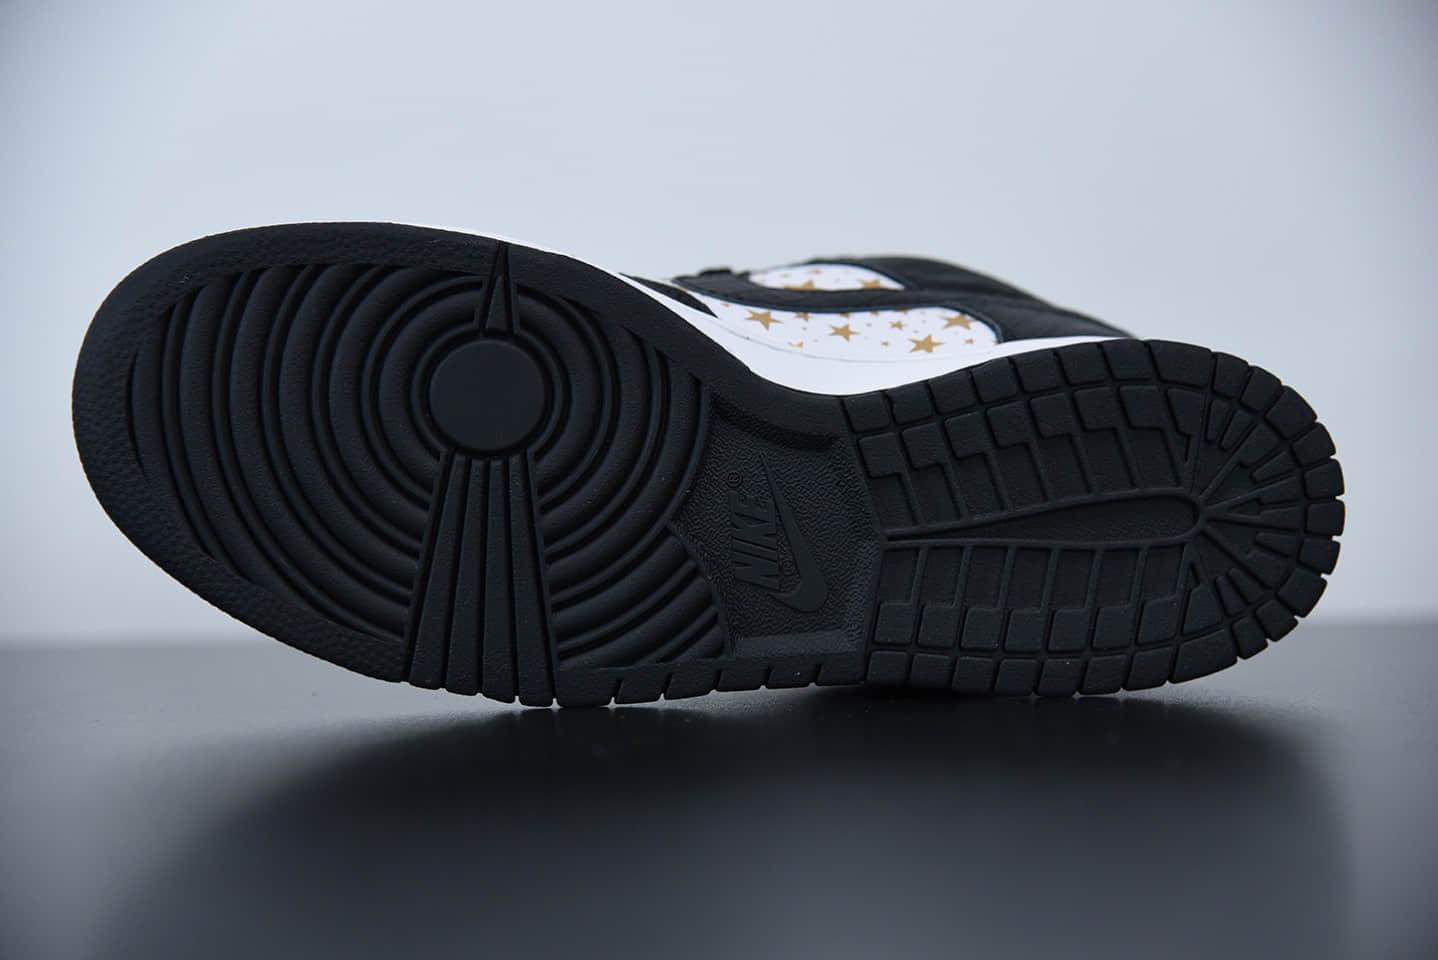 耐克Supreme x Nk SB Dunk Low黑色星星联名款休闲运动滑板鞋纯原版本 货号:DH3228-102